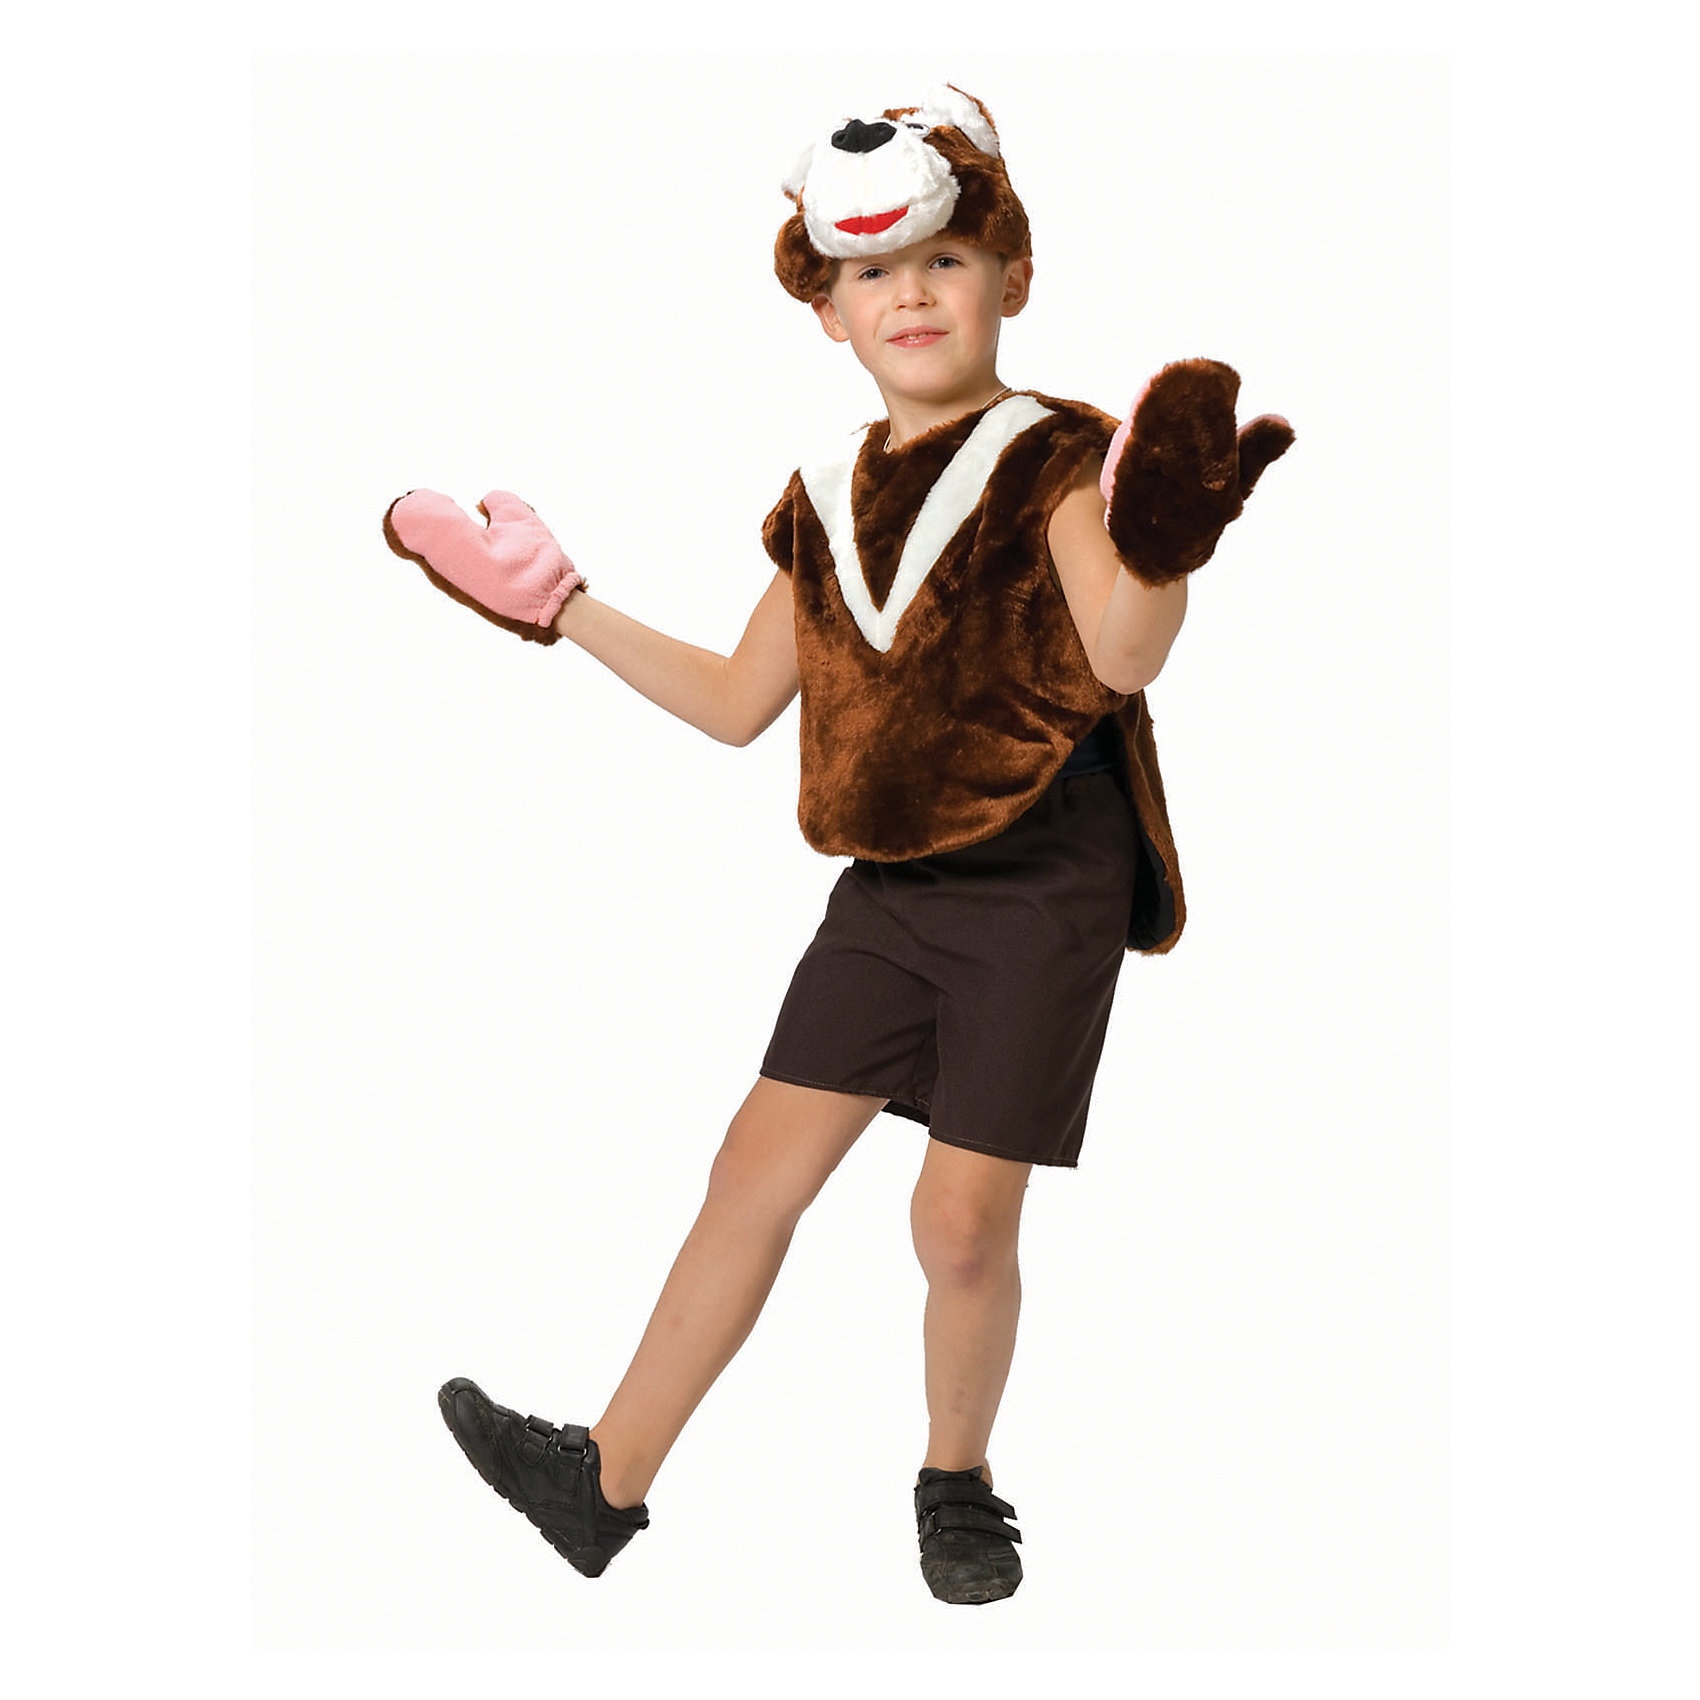 Карнавальный костюм для мальчика Медвежонок, ВестификаМедвежонок - постоянный участник всех утренников и праздников в детском саду. Поэтому наш карнавальный костюм Медвежонок пользуется большой популярностью. Костюм состоит из шикарной меховой жилетки, шортиков из габардина, шапки-маски и варежек. Просторную жилетку можно одевать поверх футболочки белого или бежевого цвета.<br><br>Дополнительная информация:<br><br>Комплектация:<br>Шорты из габардина<br>Жилетка меховая<br>Шапка-маска<br>Варежки меховые<br>Ткани:<br>Искусственный мех (100% полиэстер)<br>Габардин (100% полиэстер)<br>Бязь (100% хлопок)<br><br>Карнавальный костюм для мальчика Медвежонок, Вестифика можно купить в нашем магазине.<br><br>Ширина мм: 236<br>Глубина мм: 16<br>Высота мм: 184<br>Вес г: 310<br>Цвет: разноцветный<br>Возраст от месяцев: 72<br>Возраст до месяцев: 84<br>Пол: Женский<br>Возраст: Детский<br>Размер: 116/122,104/110<br>SKU: 4389263